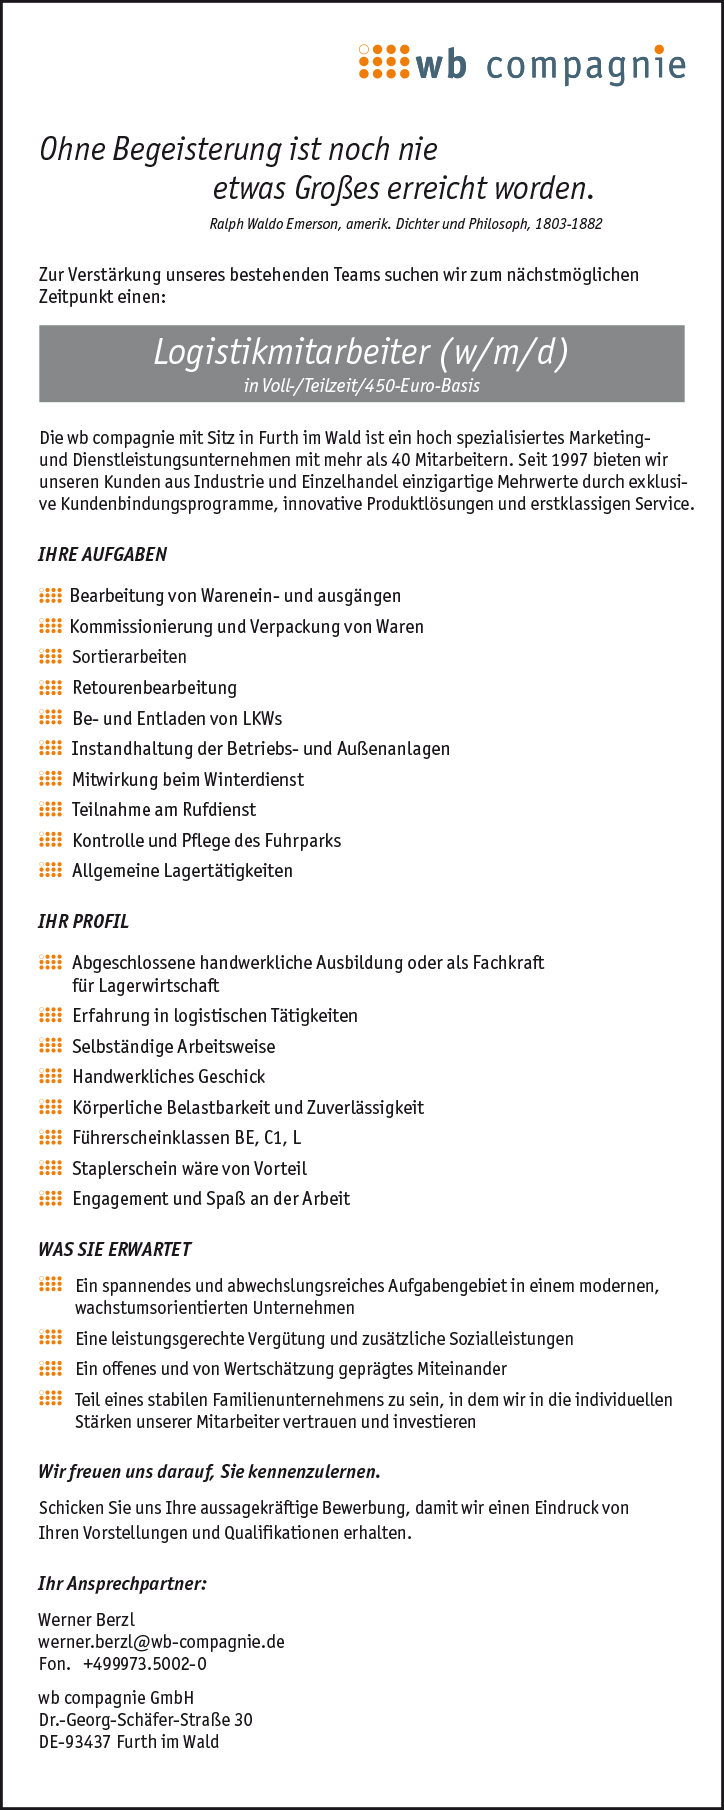 wb-compagnie-Stellenanzeige-Logistikmitarbeiter-92x230